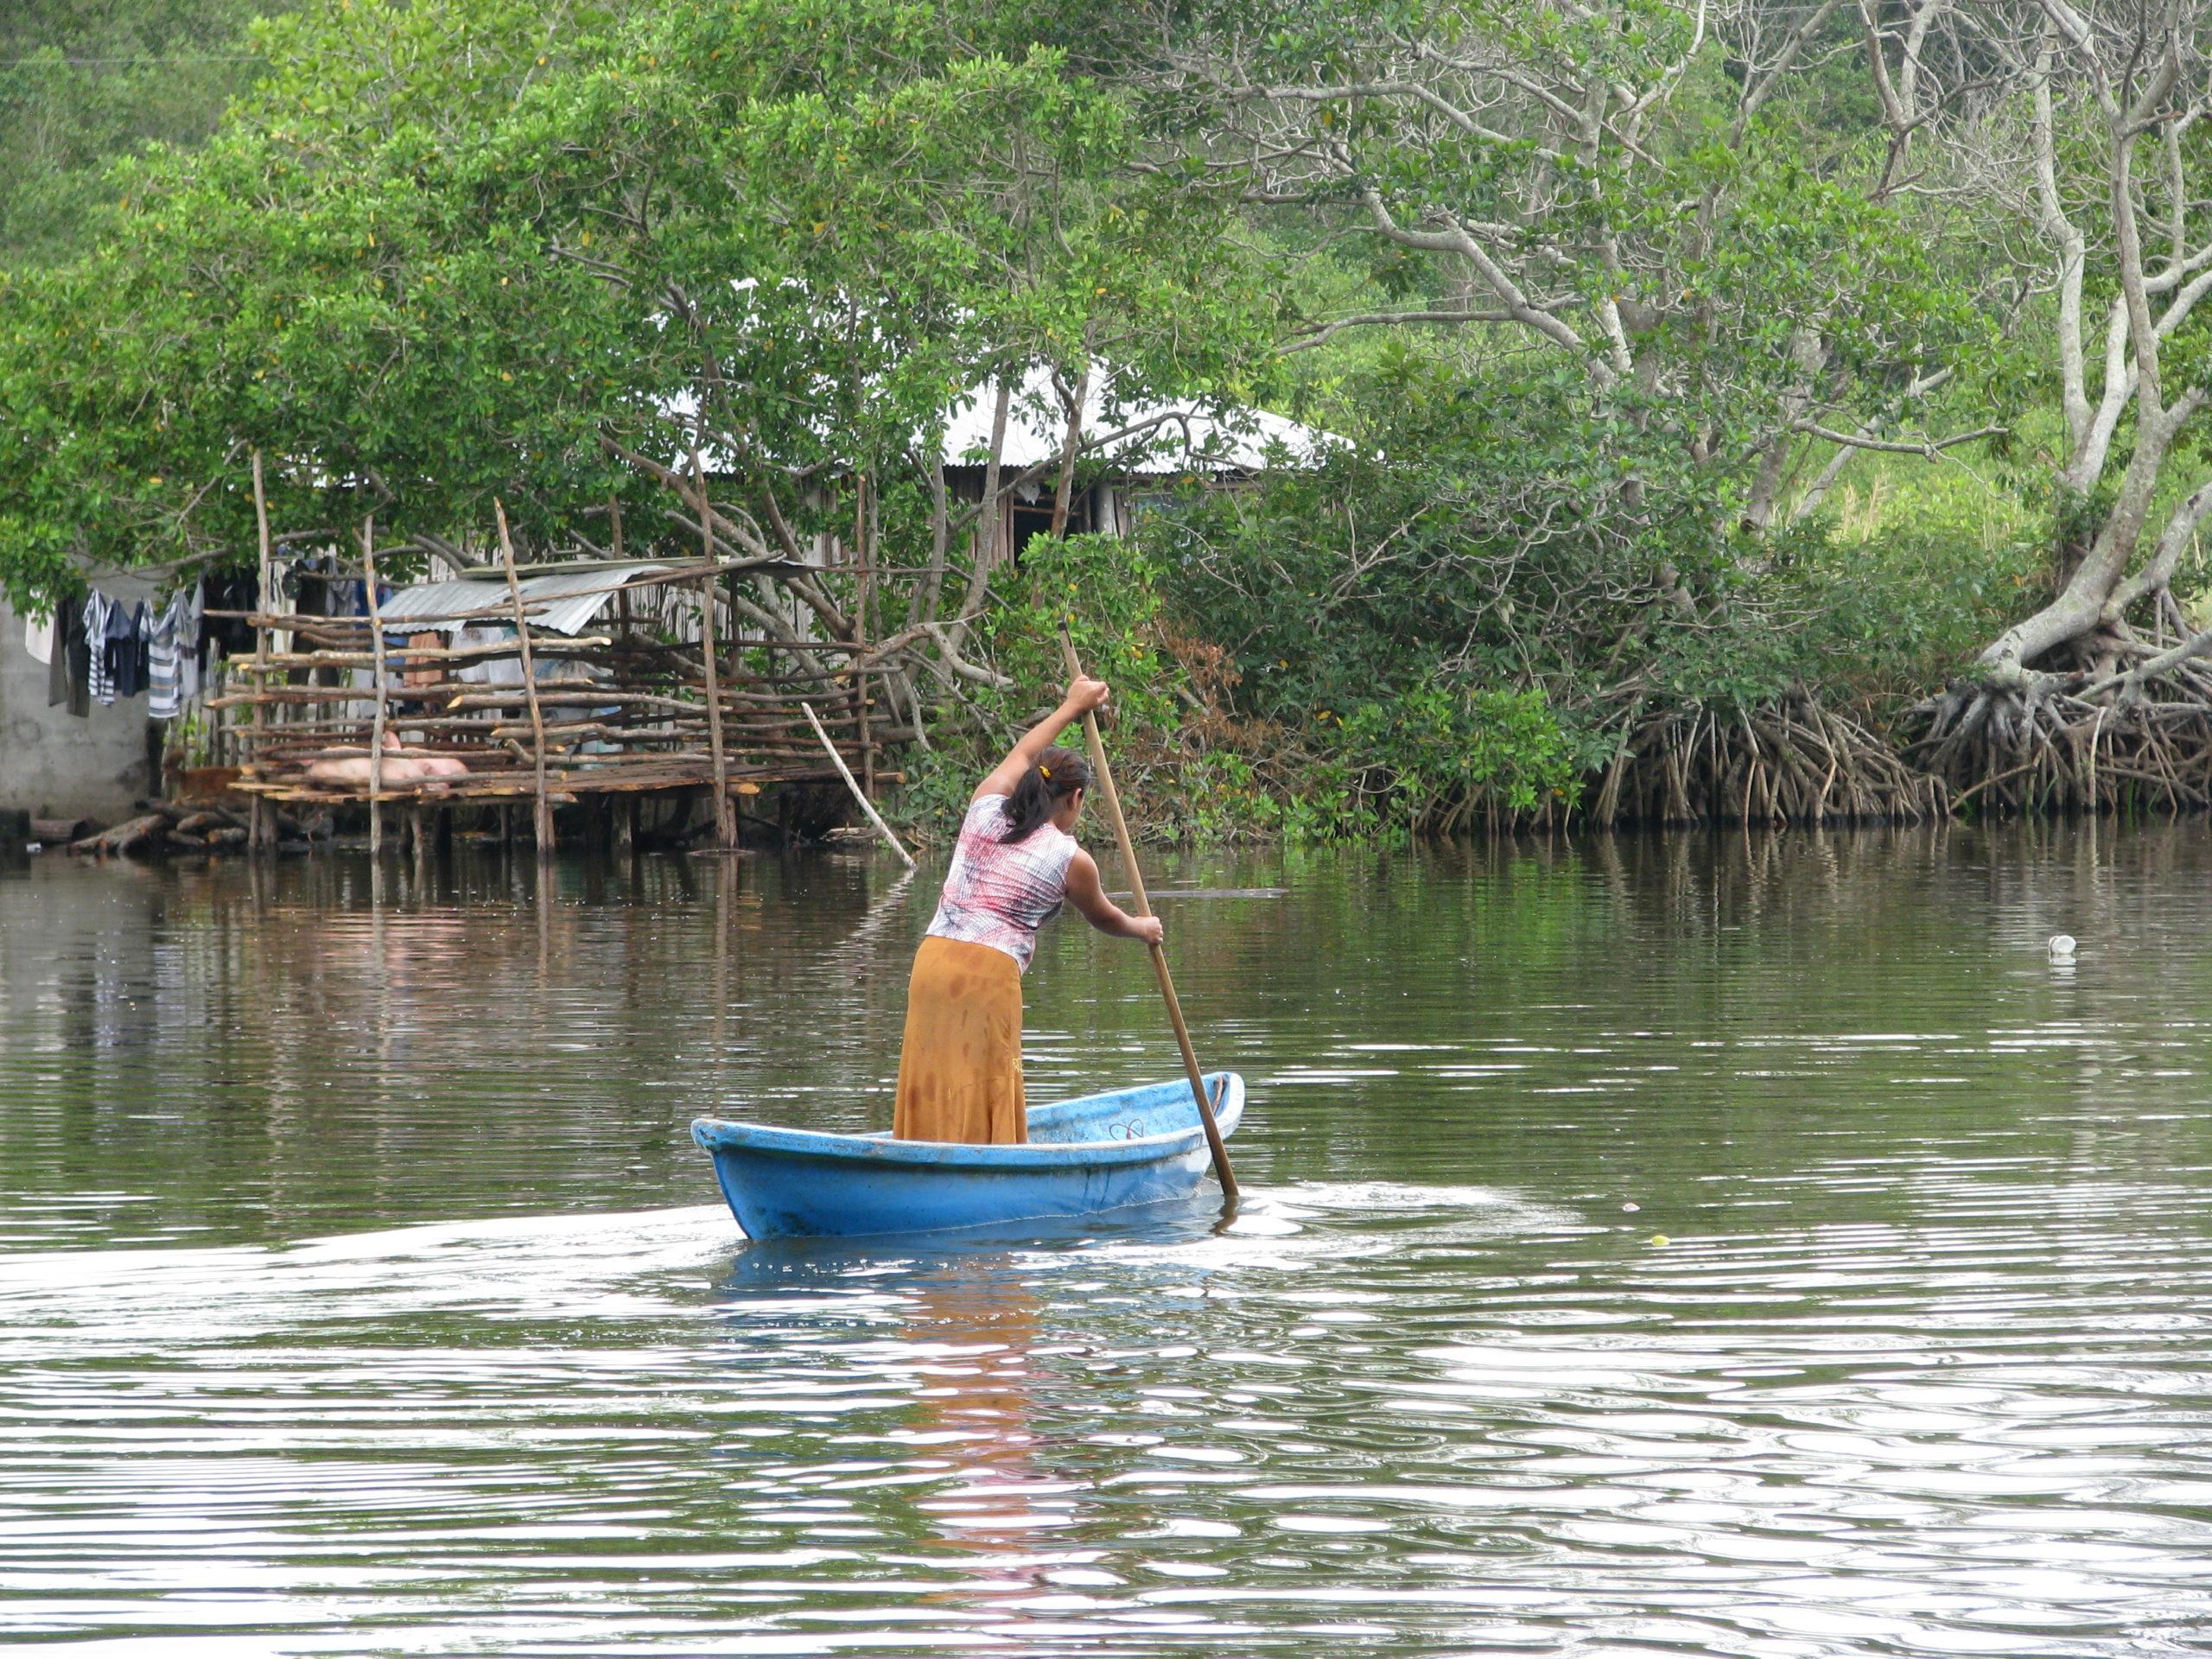 Comunidad Huichola de Tuapurie y a la entidad Conservación Humana (CHAC)